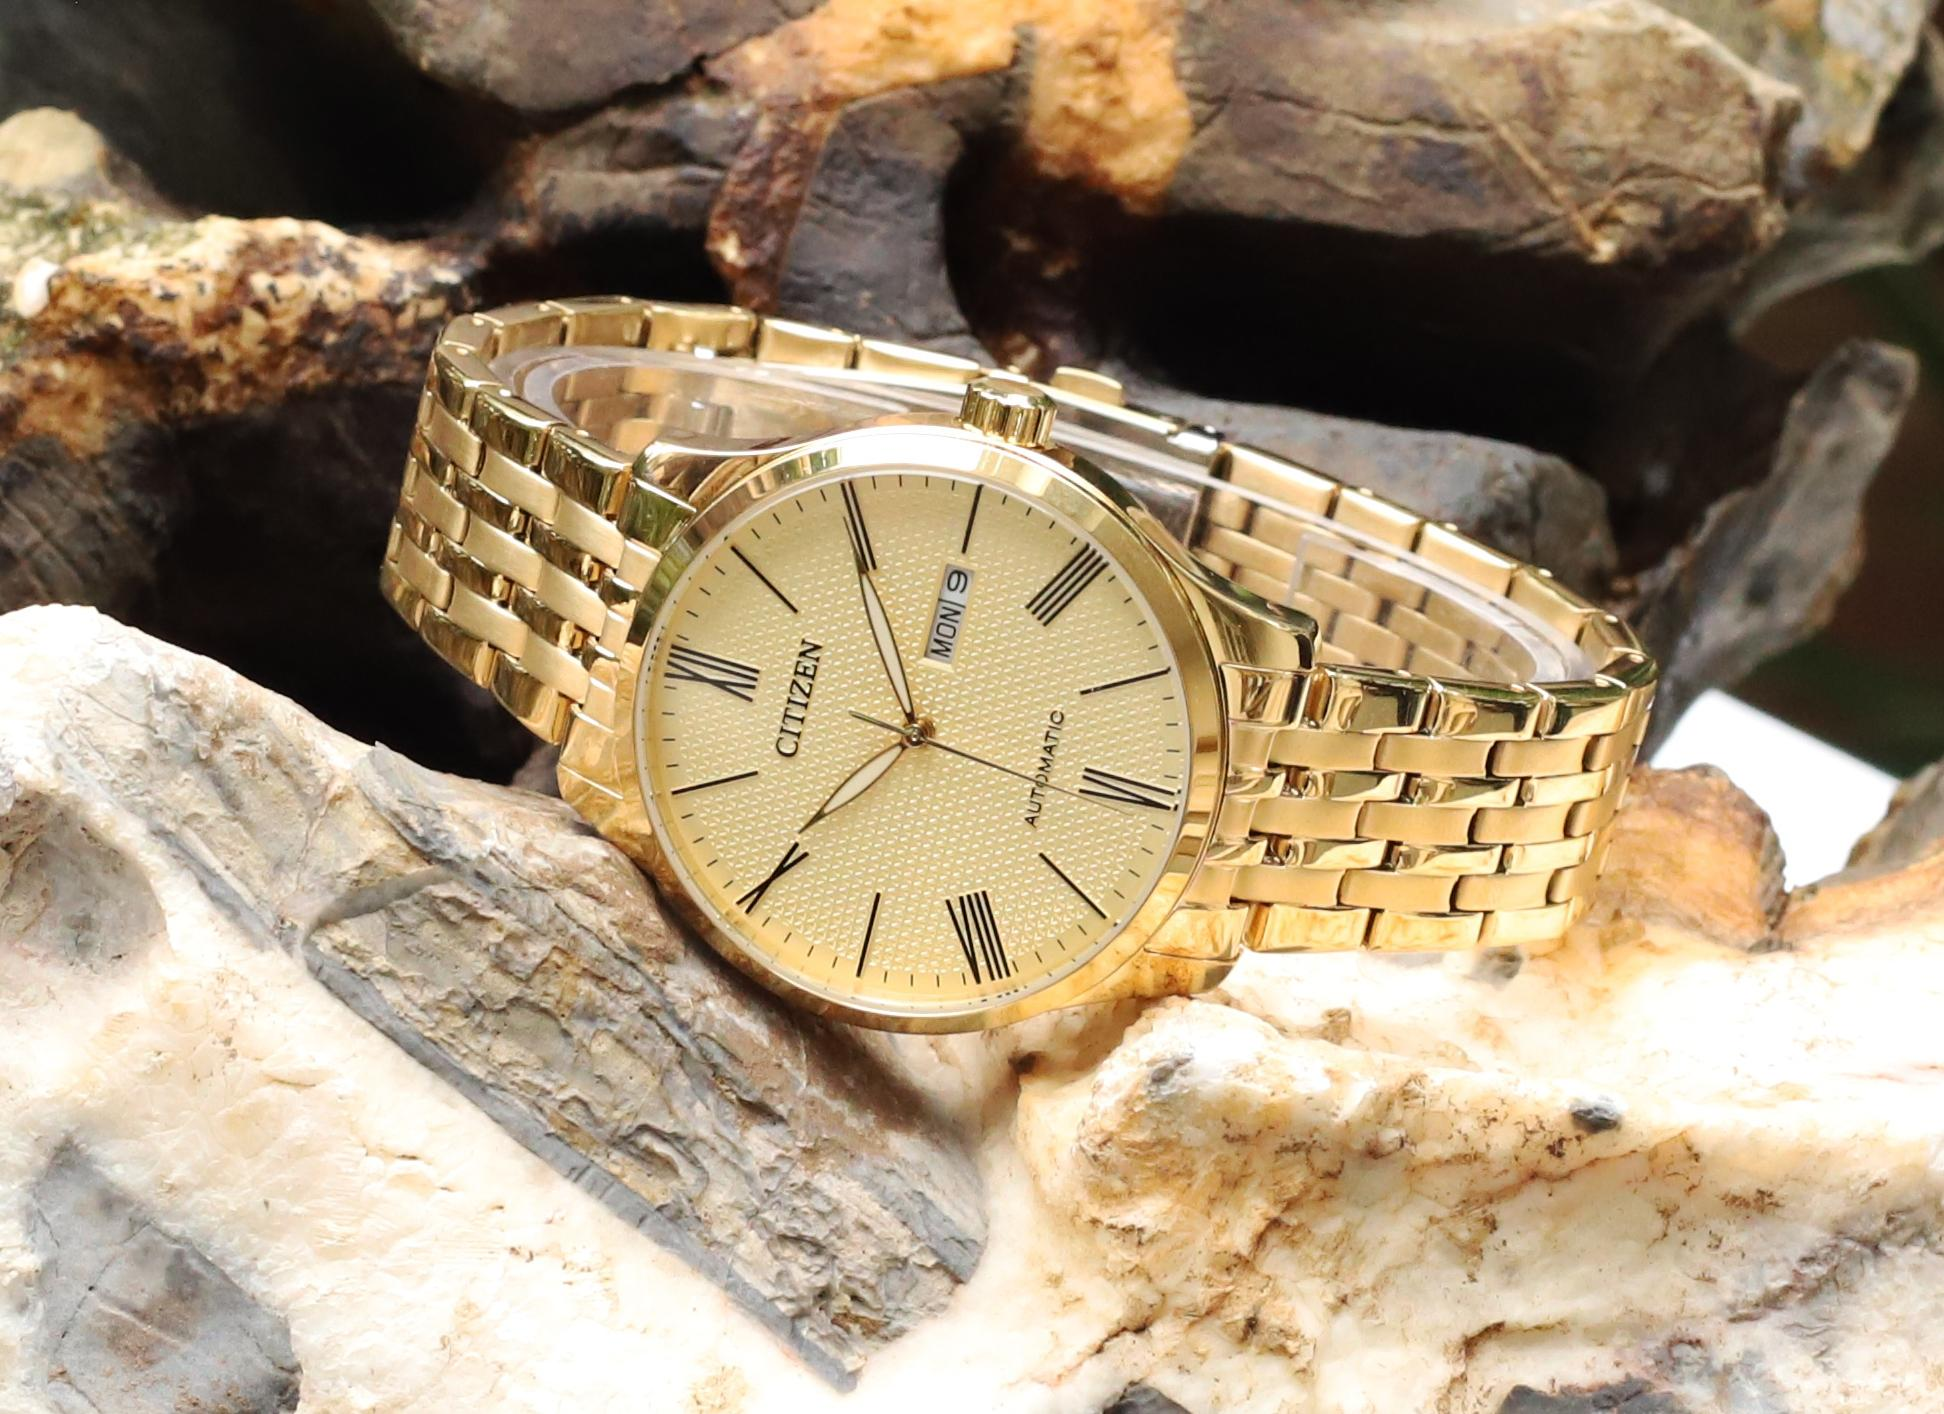 Mua đồng hồ Citizen chính hãng giảm giá tới 40% tại Đăng Quang Watch - Ảnh 1.